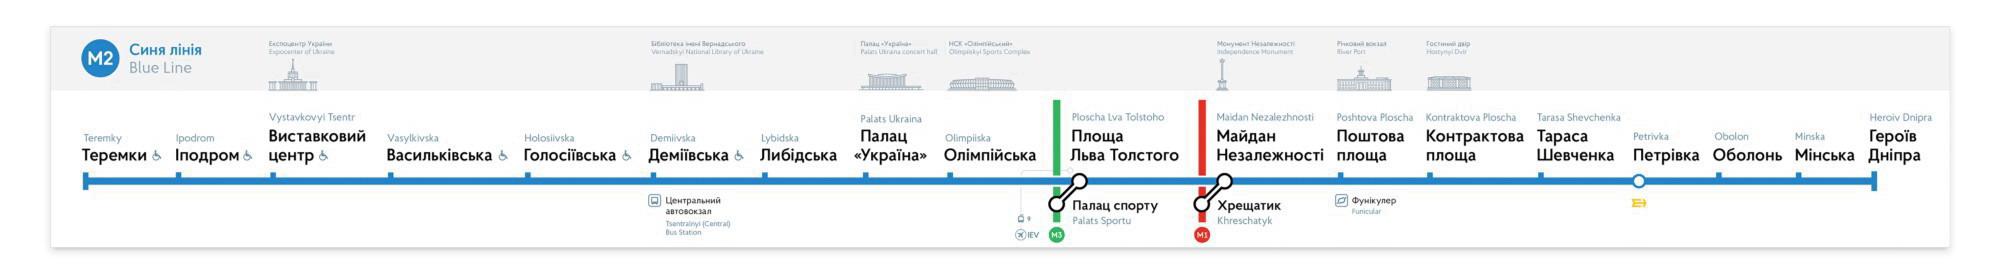 Куреневско-Красноармейская линия